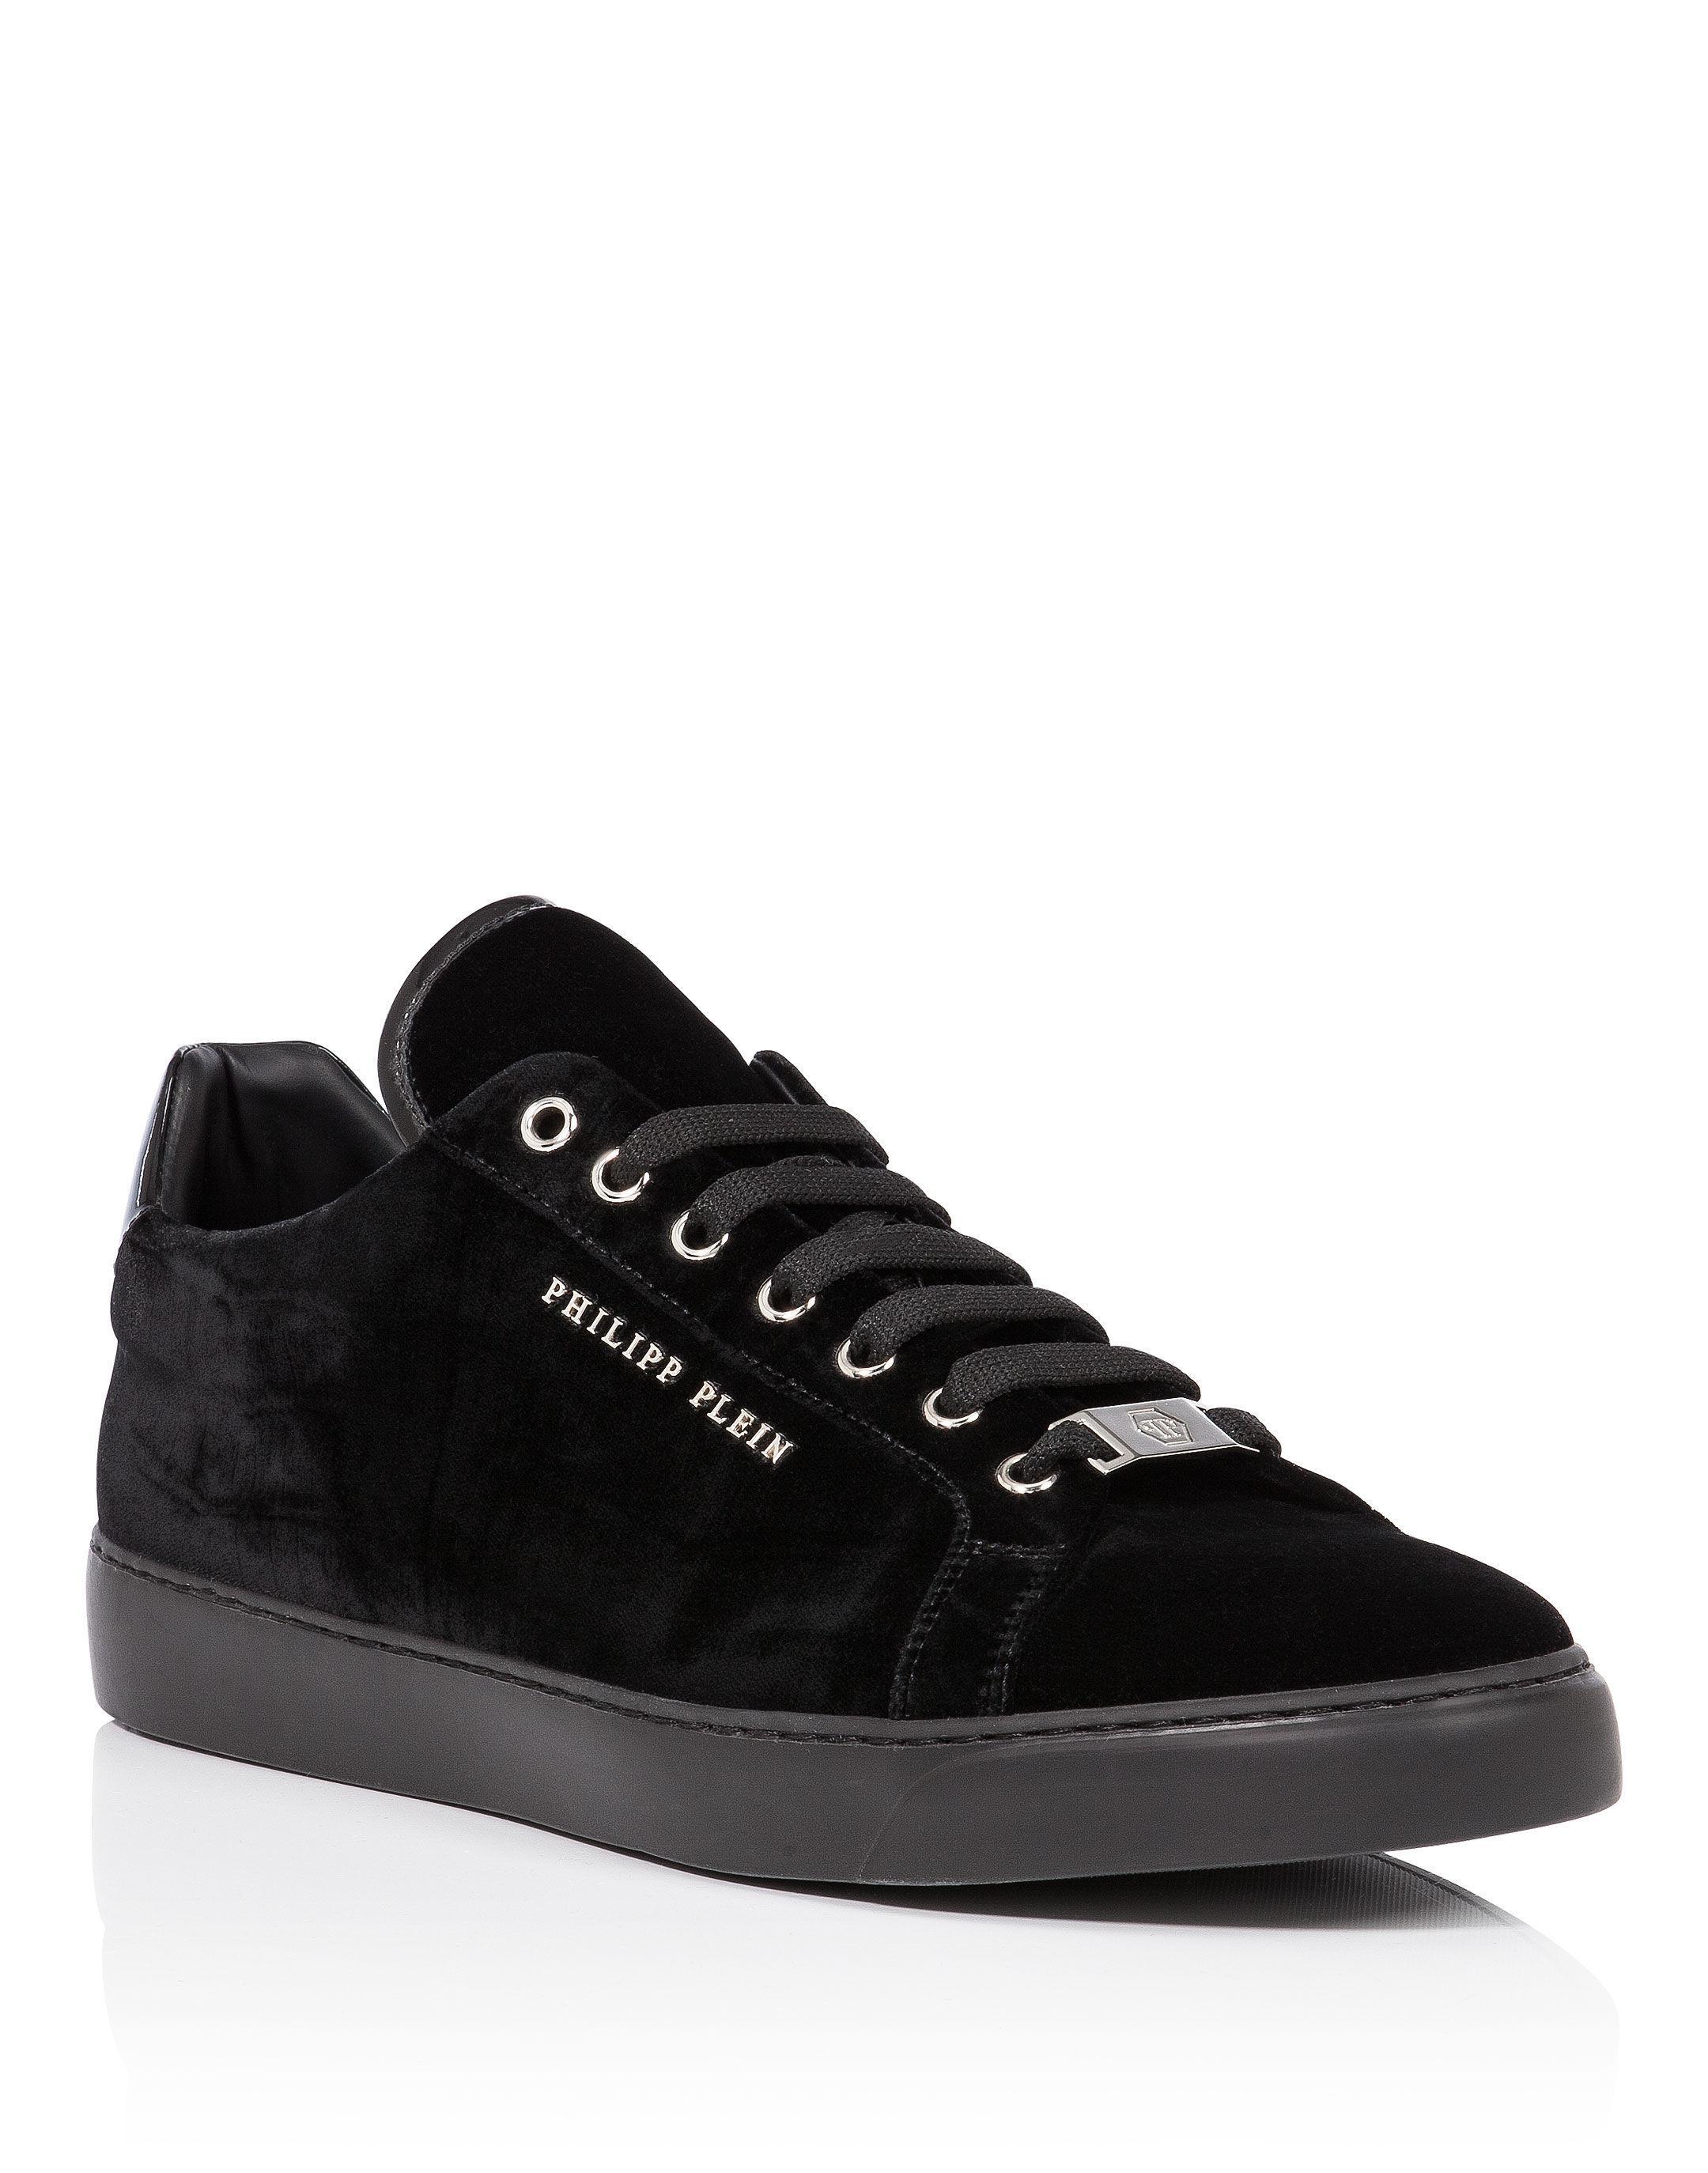 Ebony monogram leather sneakers Philipp Plein mbvdCdgloP